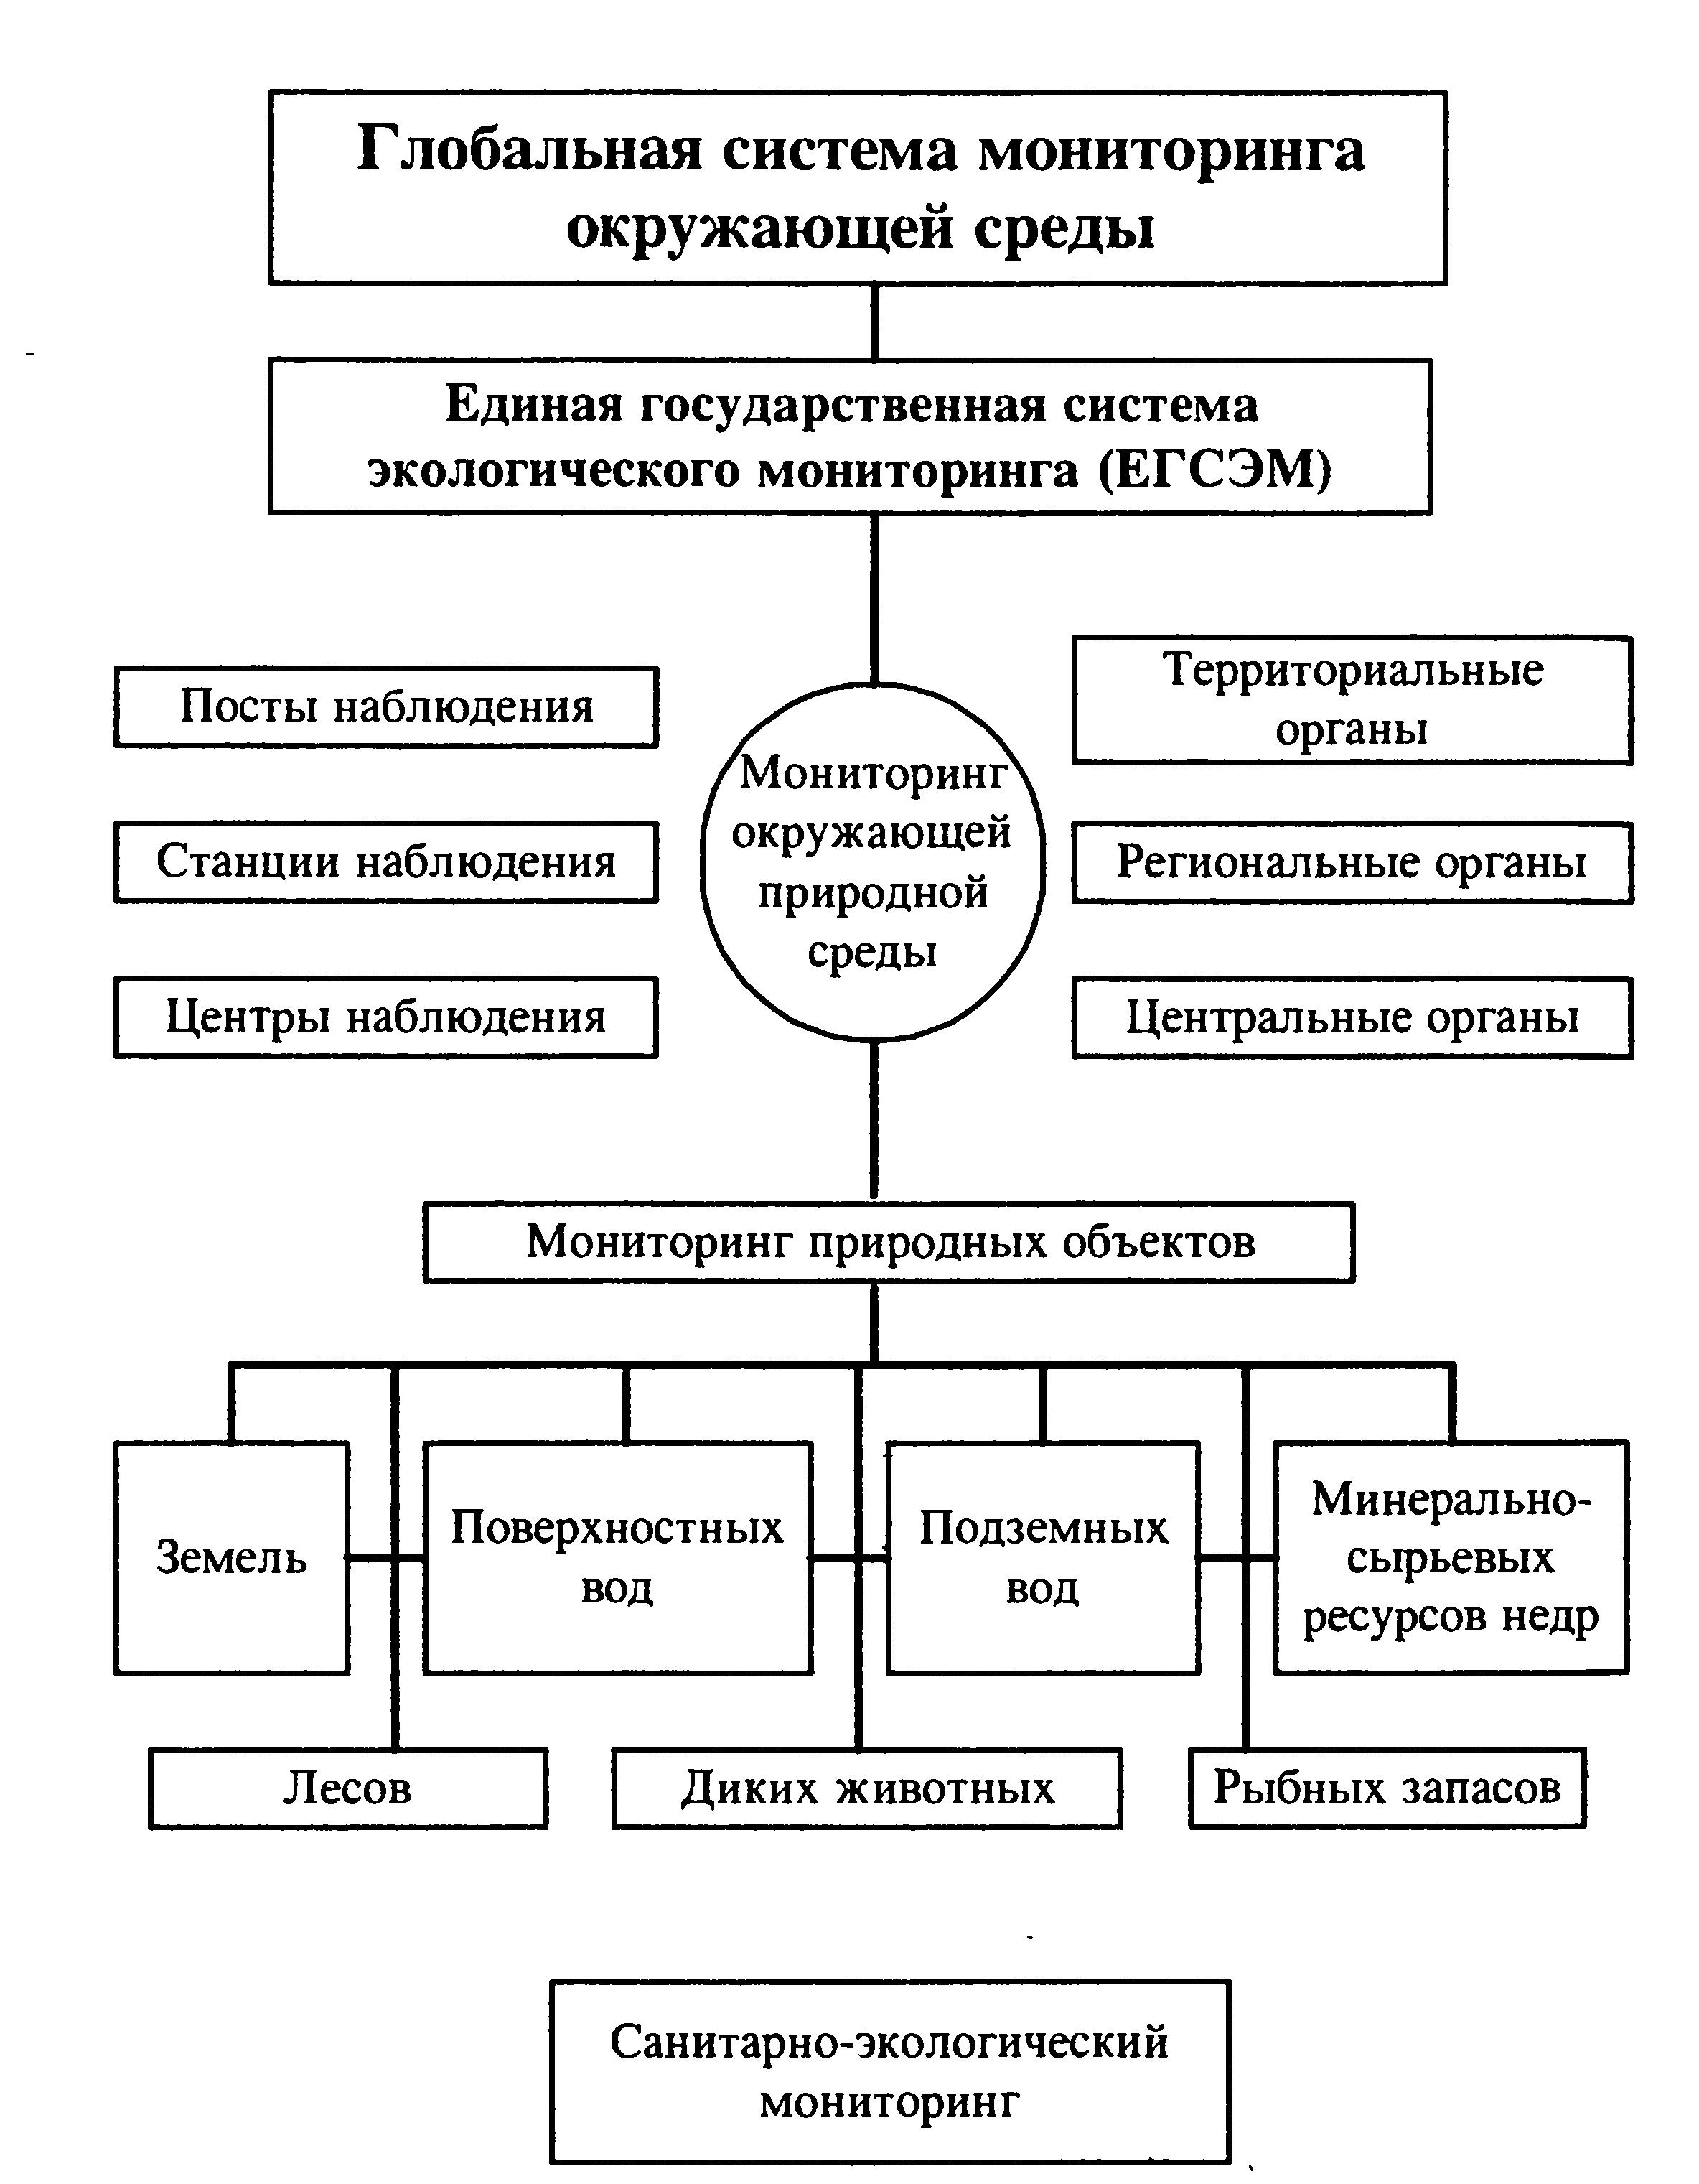 Единая государственная система экологического мониторинга реферат 5079